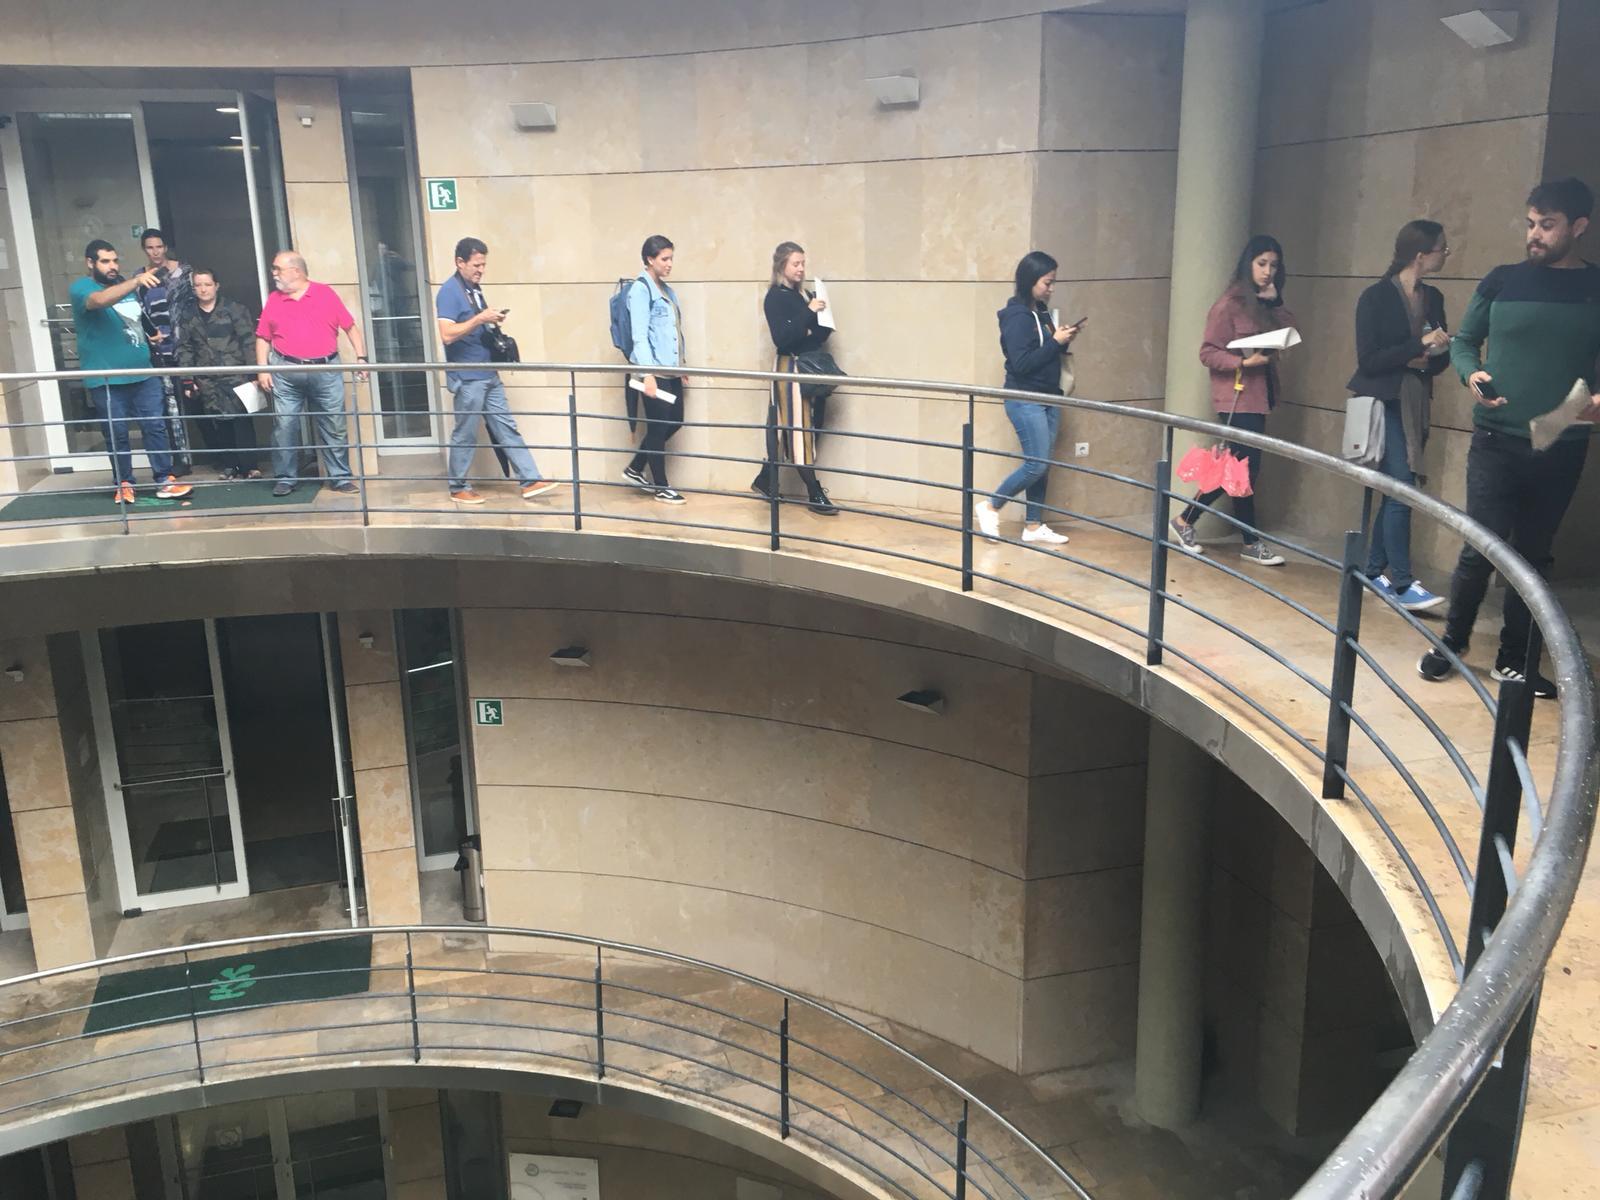 Los estudiantes de Architecture del CEU, en su recorrido por el edificio principal del Jardín Botánico de Valencia, que les ha presentado uno de sus arquitectos, Carlos Bento.